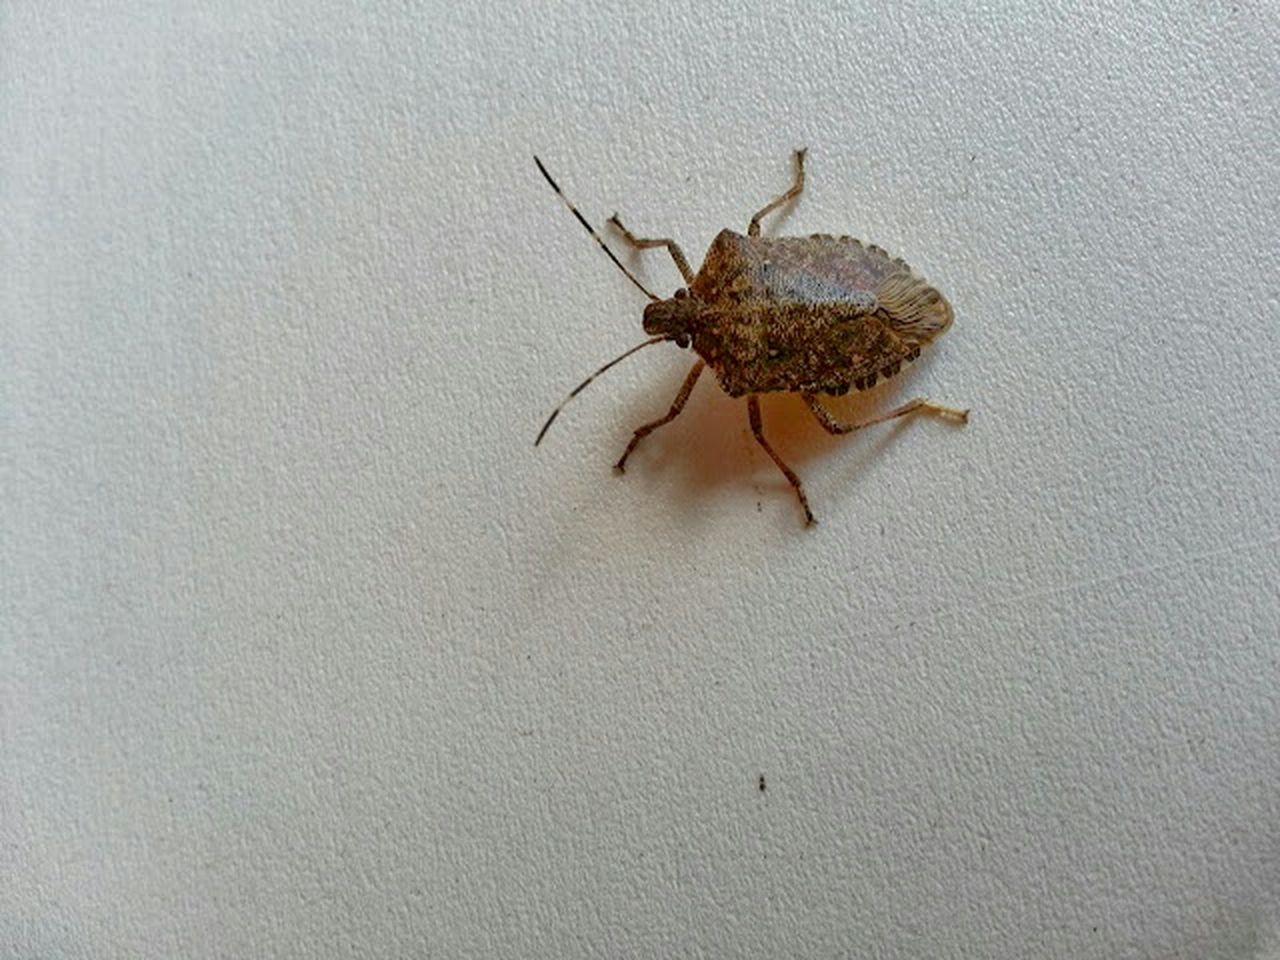 Marmorated stink bug EyeEm Best Shots Bug Stinkbug Marmorated Stinkbug Northeast Invasive Traveling Travel Entomology Pest Control Silhouette